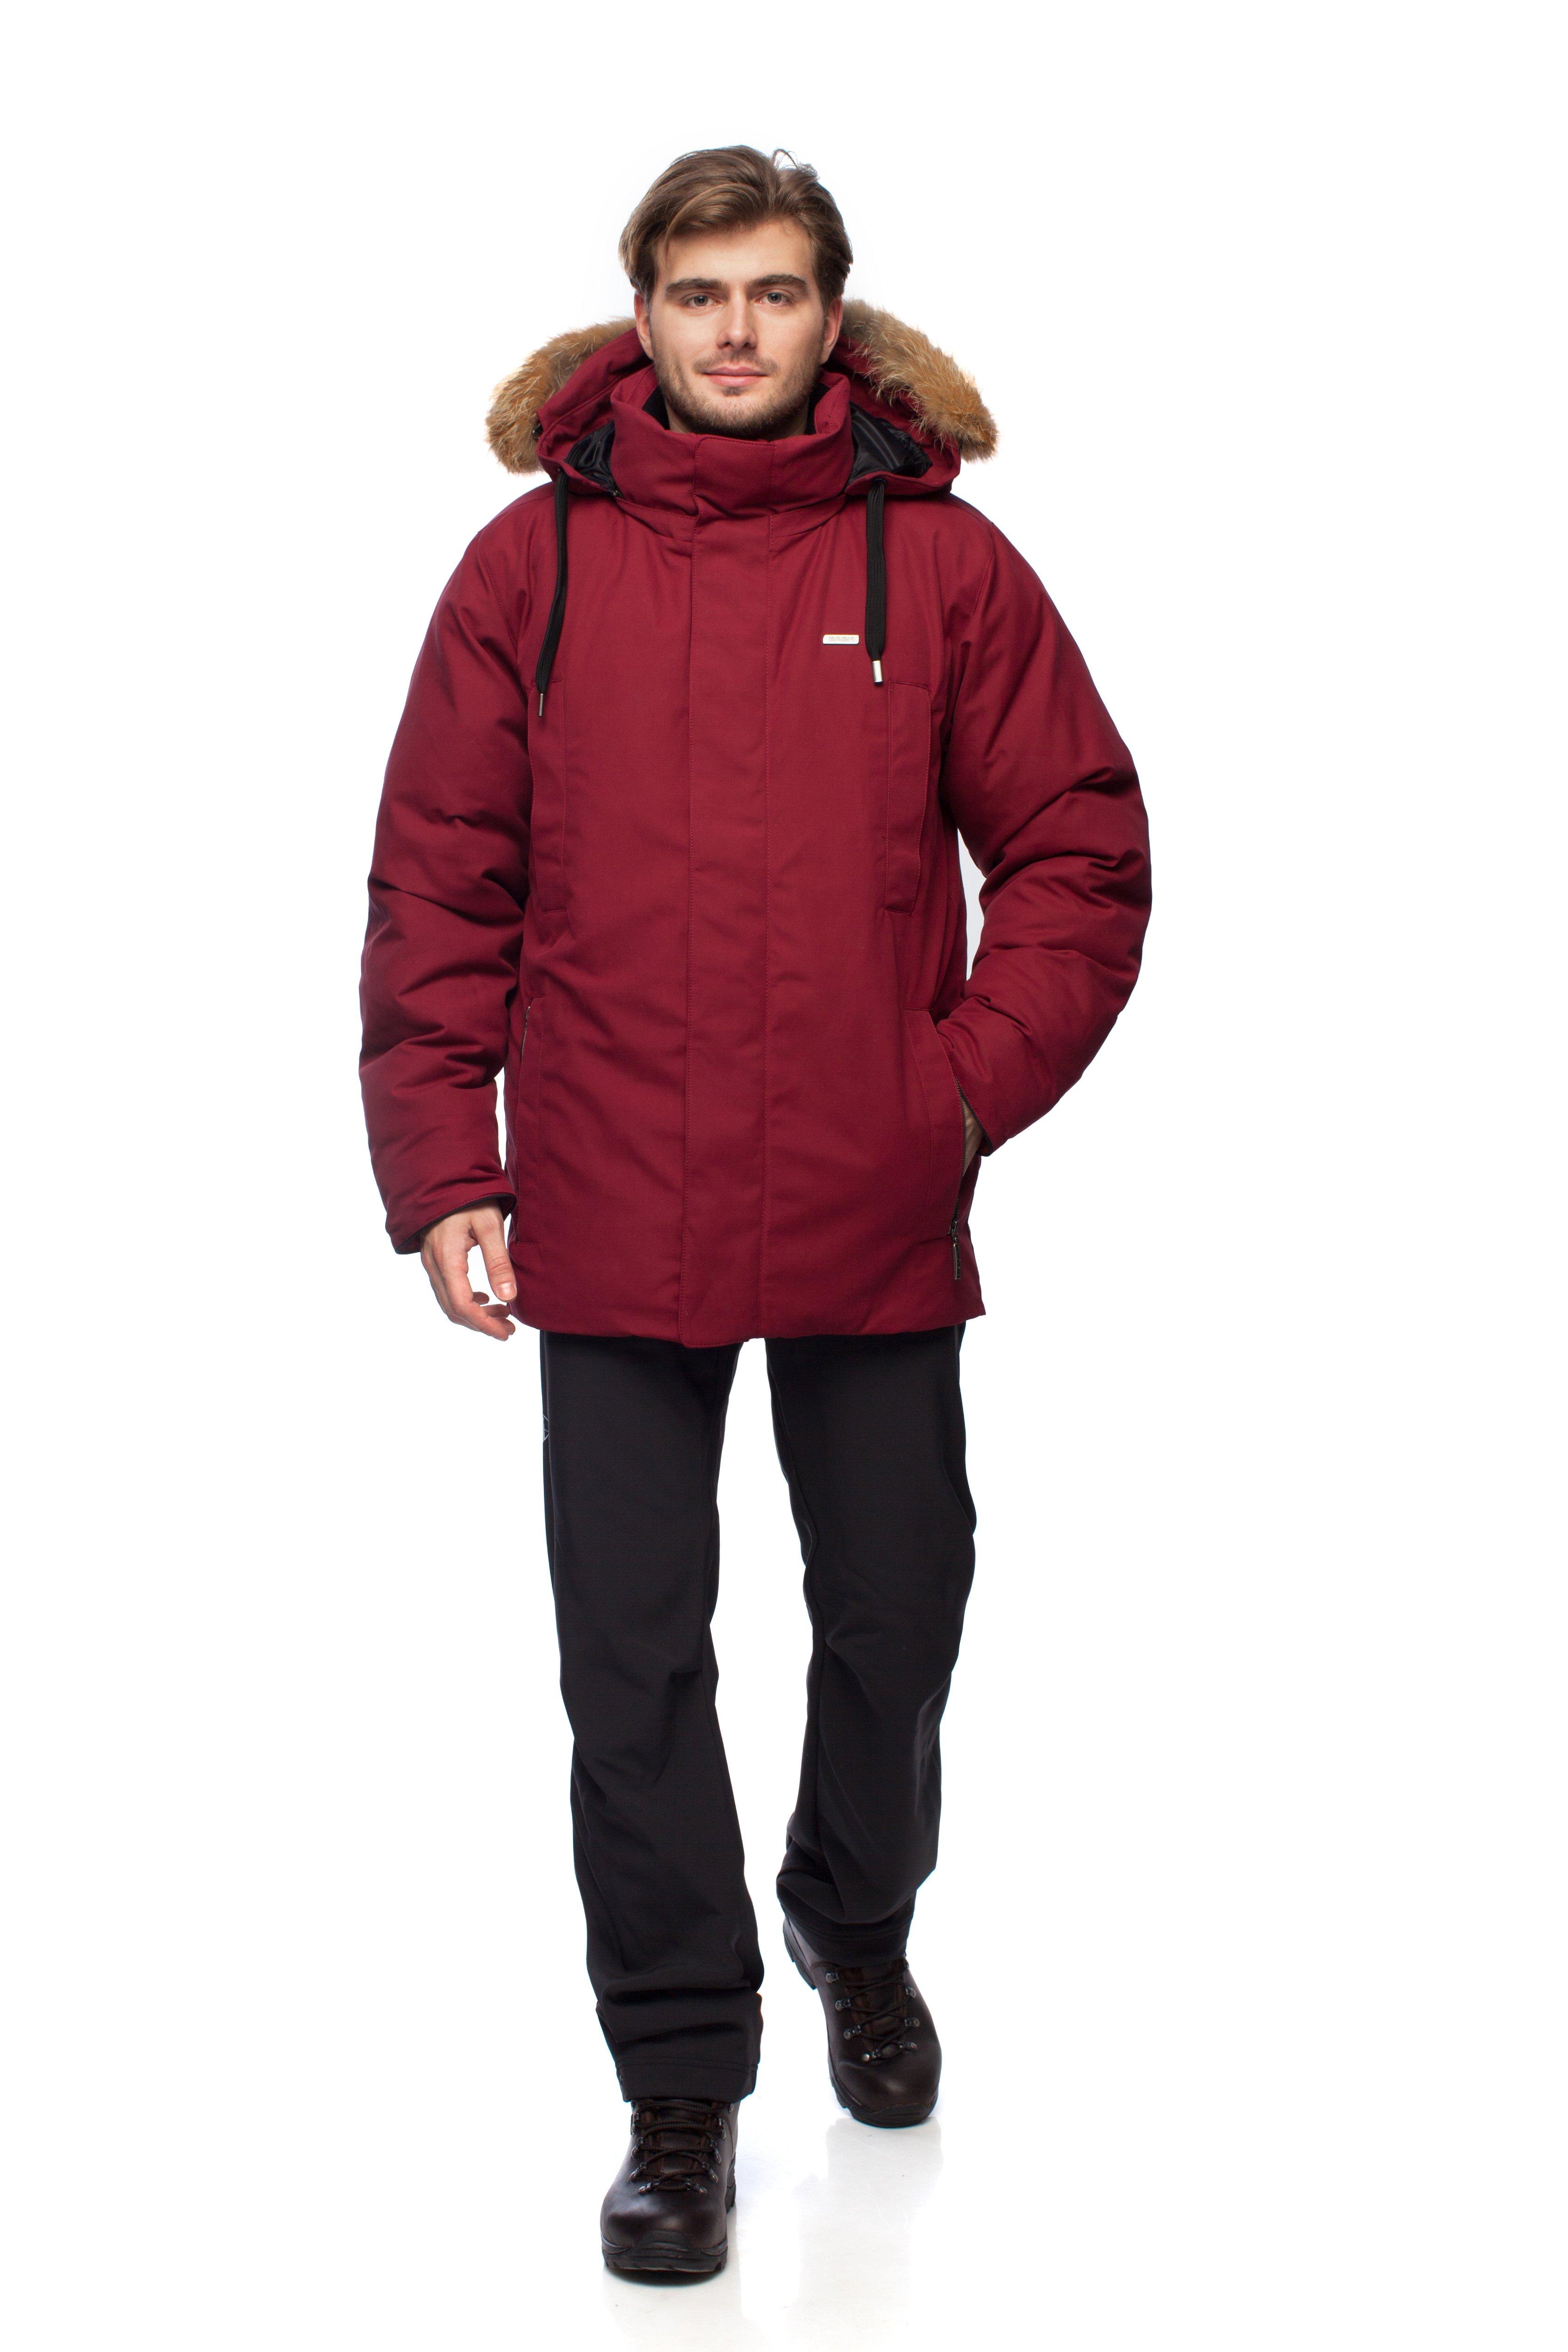 Пуховая куртка BASK ARGUT 1462Мужская пуховая куртка для городской зимы из коллекции Outdoor Spirit.&amp;nbsp;<br><br>&quot;Дышащие&quot; свойства: Да<br>Верхняя ткань: Nylon 50%, Cotton 50%, Teflon WR<br>Вес граммы: 1940<br>Вес утеплителя: 320<br>Ветро-влагозащитные свойства верхней ткани: Да<br>Ветрозащитная планка: Да<br>Ветрозащитная юбка: Да<br>Влагозащитные молнии: Нет<br>Внутренние манжеты: Да<br>Внутренняя ткань: Advance® Classic<br>Дублирующий центральную молнию клапан: Да<br>Защитный козырёк капюшона: Нет<br>Капюшон: Съемный<br>Карман для средств связи: Нет<br>Количество внешних карманов: 4<br>Количество внутренних карманов: 2<br>Коллекция: OutDoor Spirit<br>Мембрана: Нет<br>Объемный крой локтевой зоны: Нет<br>Отстёгивающиеся рукава: Нет<br>Показатель Fill Power (для пуховых изделий): 650<br>Пол: Мужской<br>Проклейка швов: Нет<br>Регулировка манжетов рукавов: Нет<br>Регулировка низа: Нет<br>Регулировка объёма капюшона: Да<br>Регулировка талии: Да<br>Регулируемые вентиляционные отверстия: Нет<br>Световозвращающая лента: Нет<br>Температурный режим: -25<br>Технология Thermal Welding: Нет<br>Технология швов: Простые<br>Тип молнии: Двухзамковая<br>Тип утеплителя: Натуральный<br>Ткань усиления: Нет<br>Усиление контактных зон: Нет<br>Утеплитель: Гусиный пух<br>Размер RU: 44<br>Цвет: КРАСНЫЙ